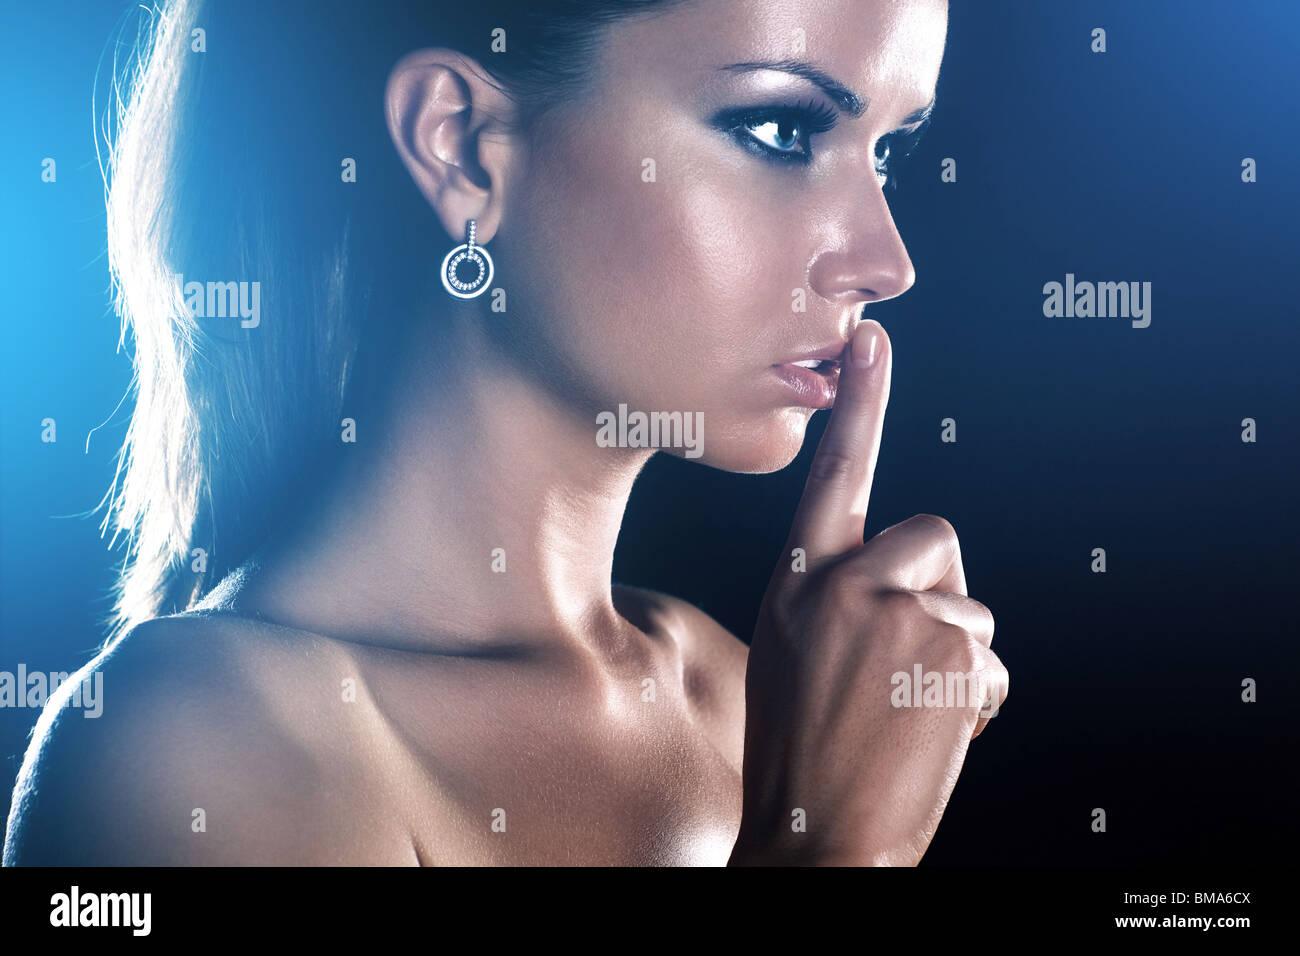 Jeune femme montrant handsign tranquille. Sur fond sombre. Banque D'Images